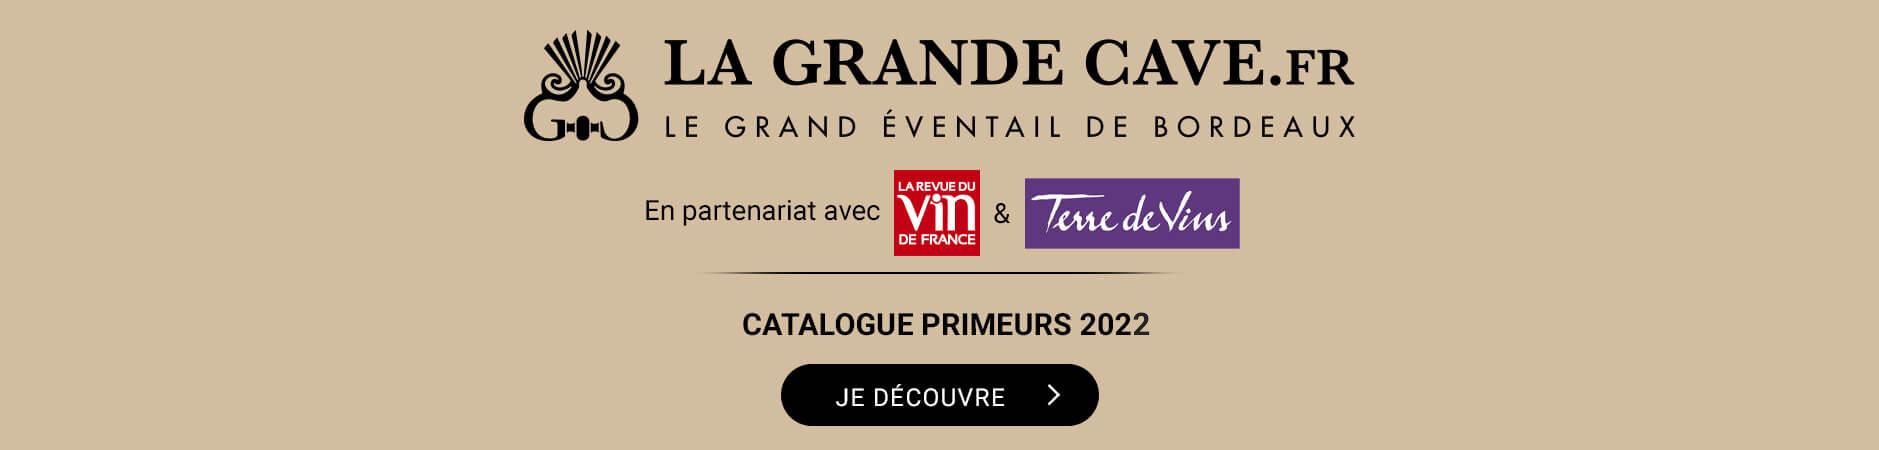 LA GRANDE CAVE - LE GRAND ÉVENTAIL DE BORDEAUX